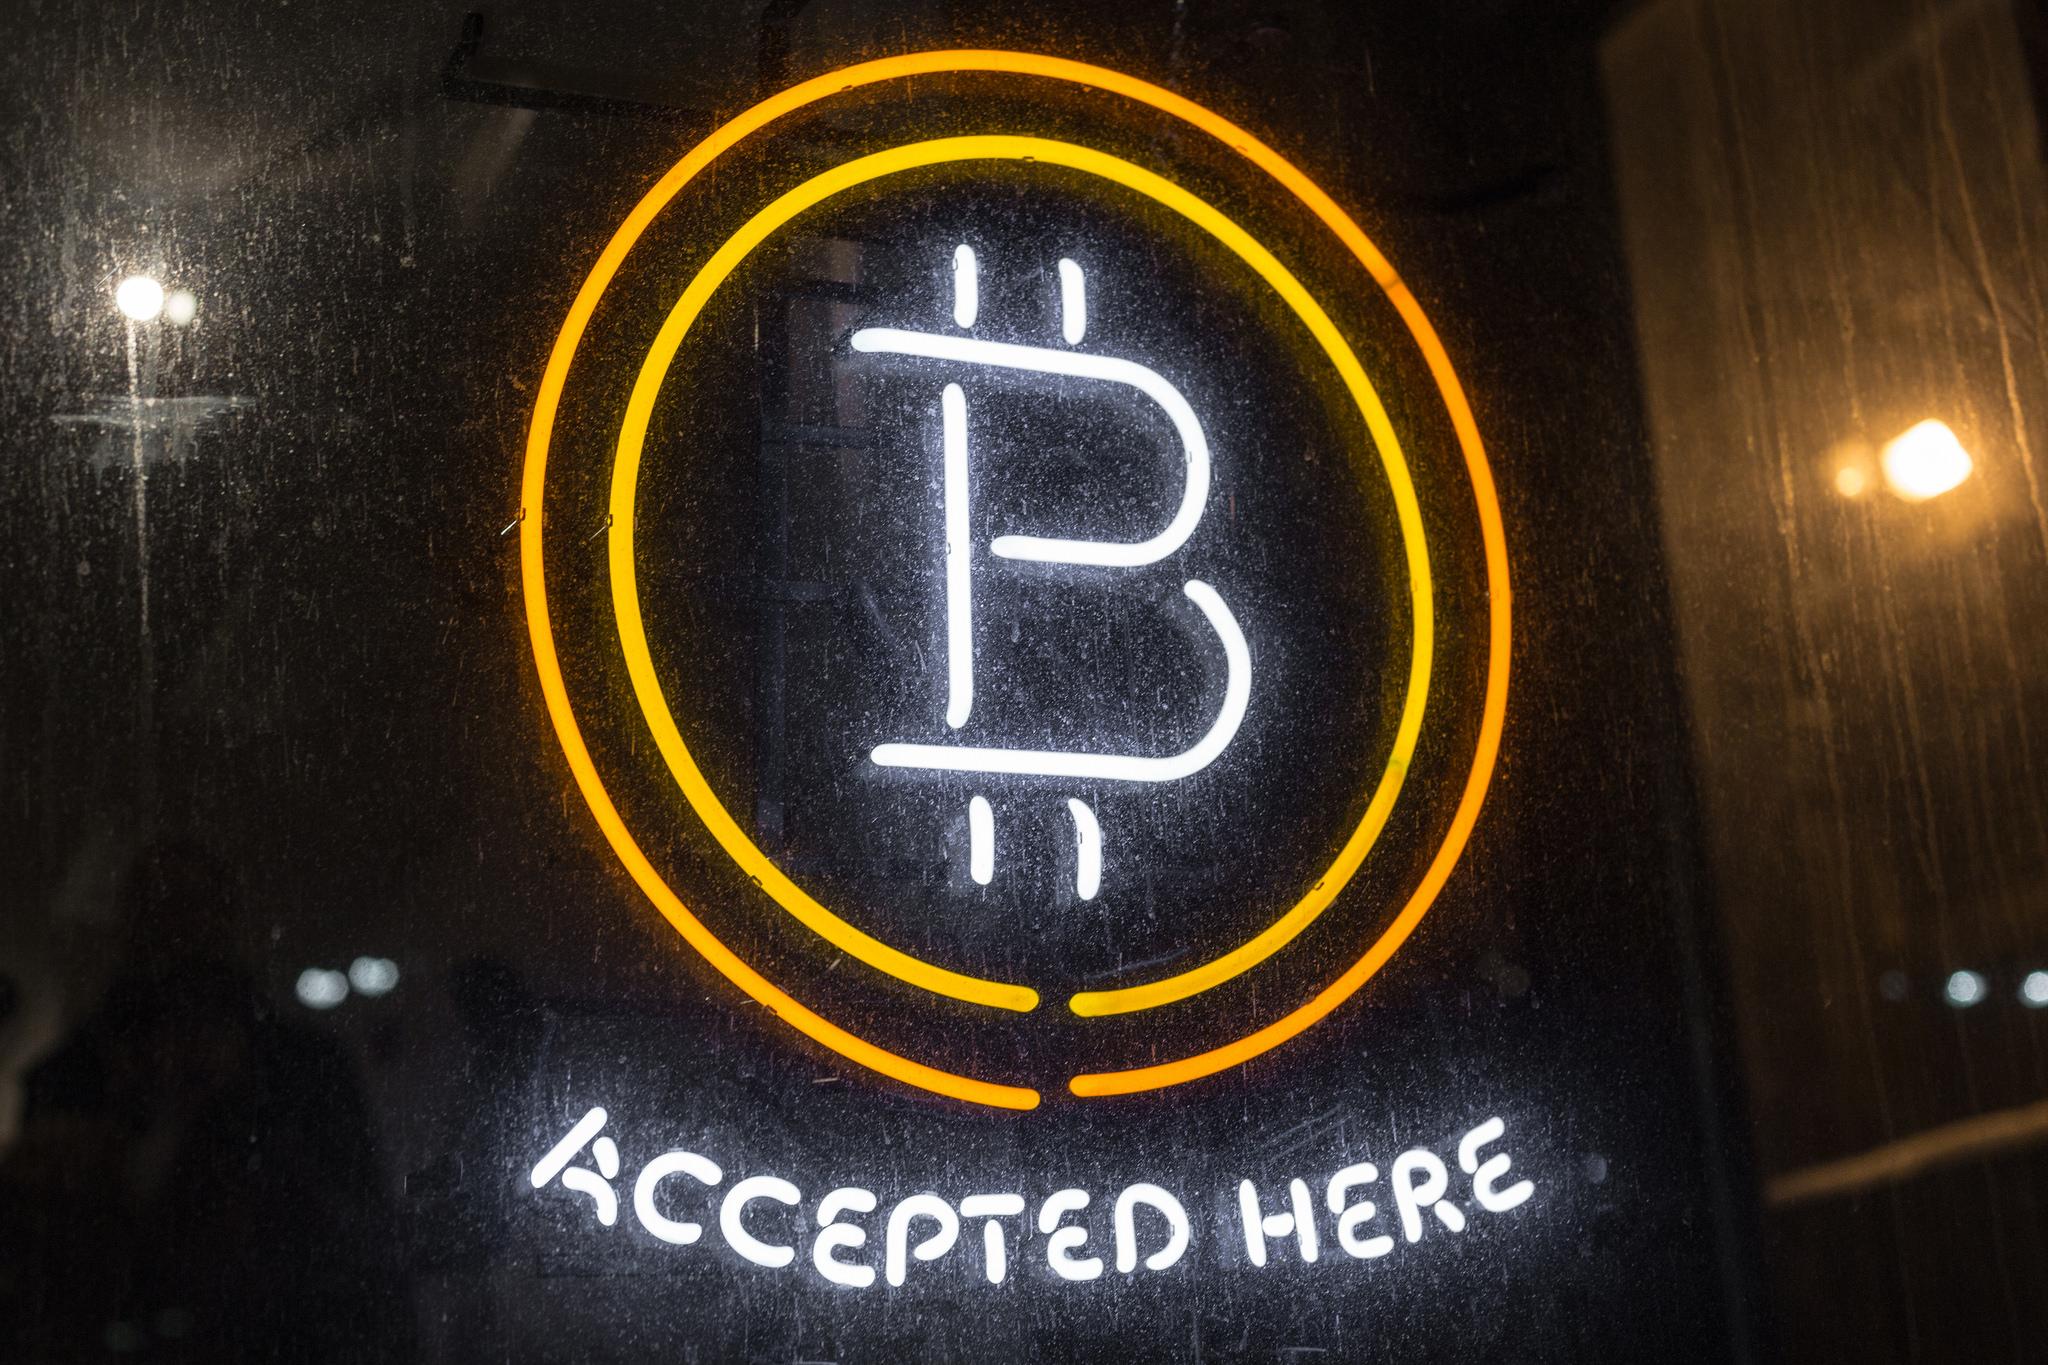 A Switch energiaszolgáltató bitcoin elfogadóhellyé vált